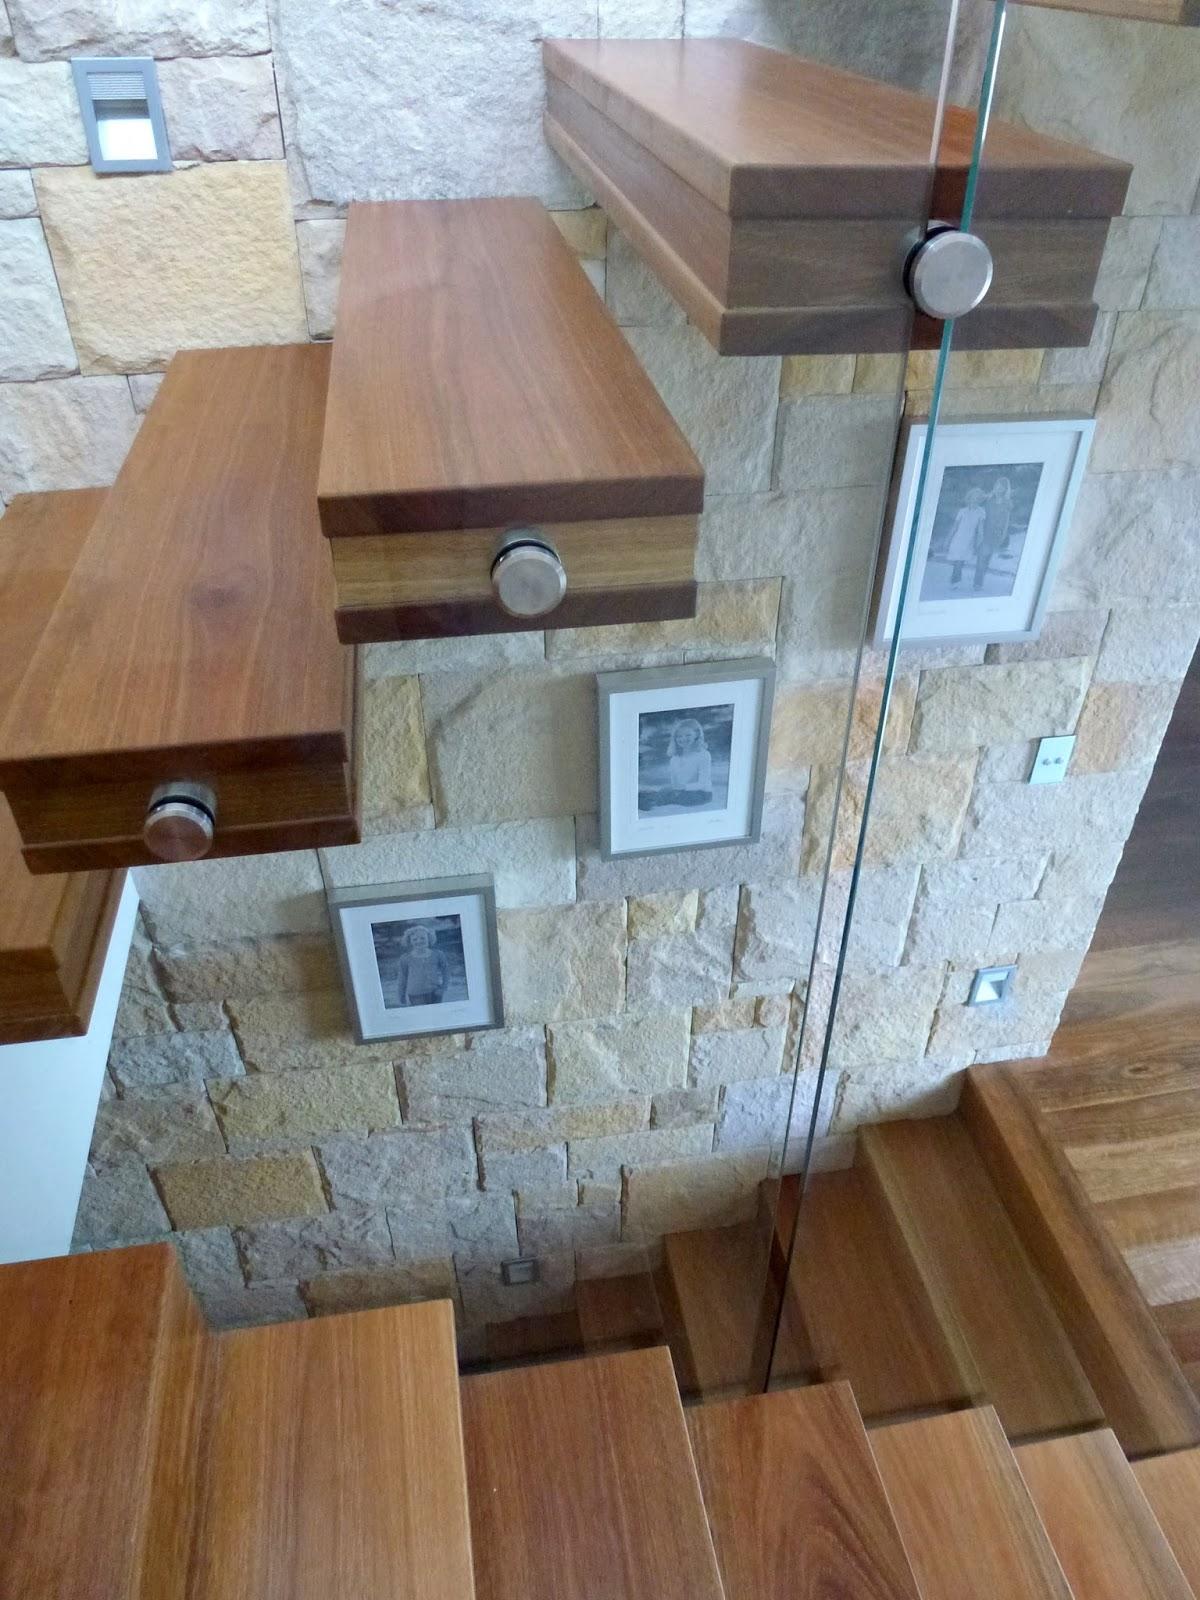 http://1.bp.blogspot.com/-fMVREQtMGwo/Ttbo2E0mMxI/AAAAAAAABZ4/jFDzNdjX5Gc/s1600/Stairwell.jpg